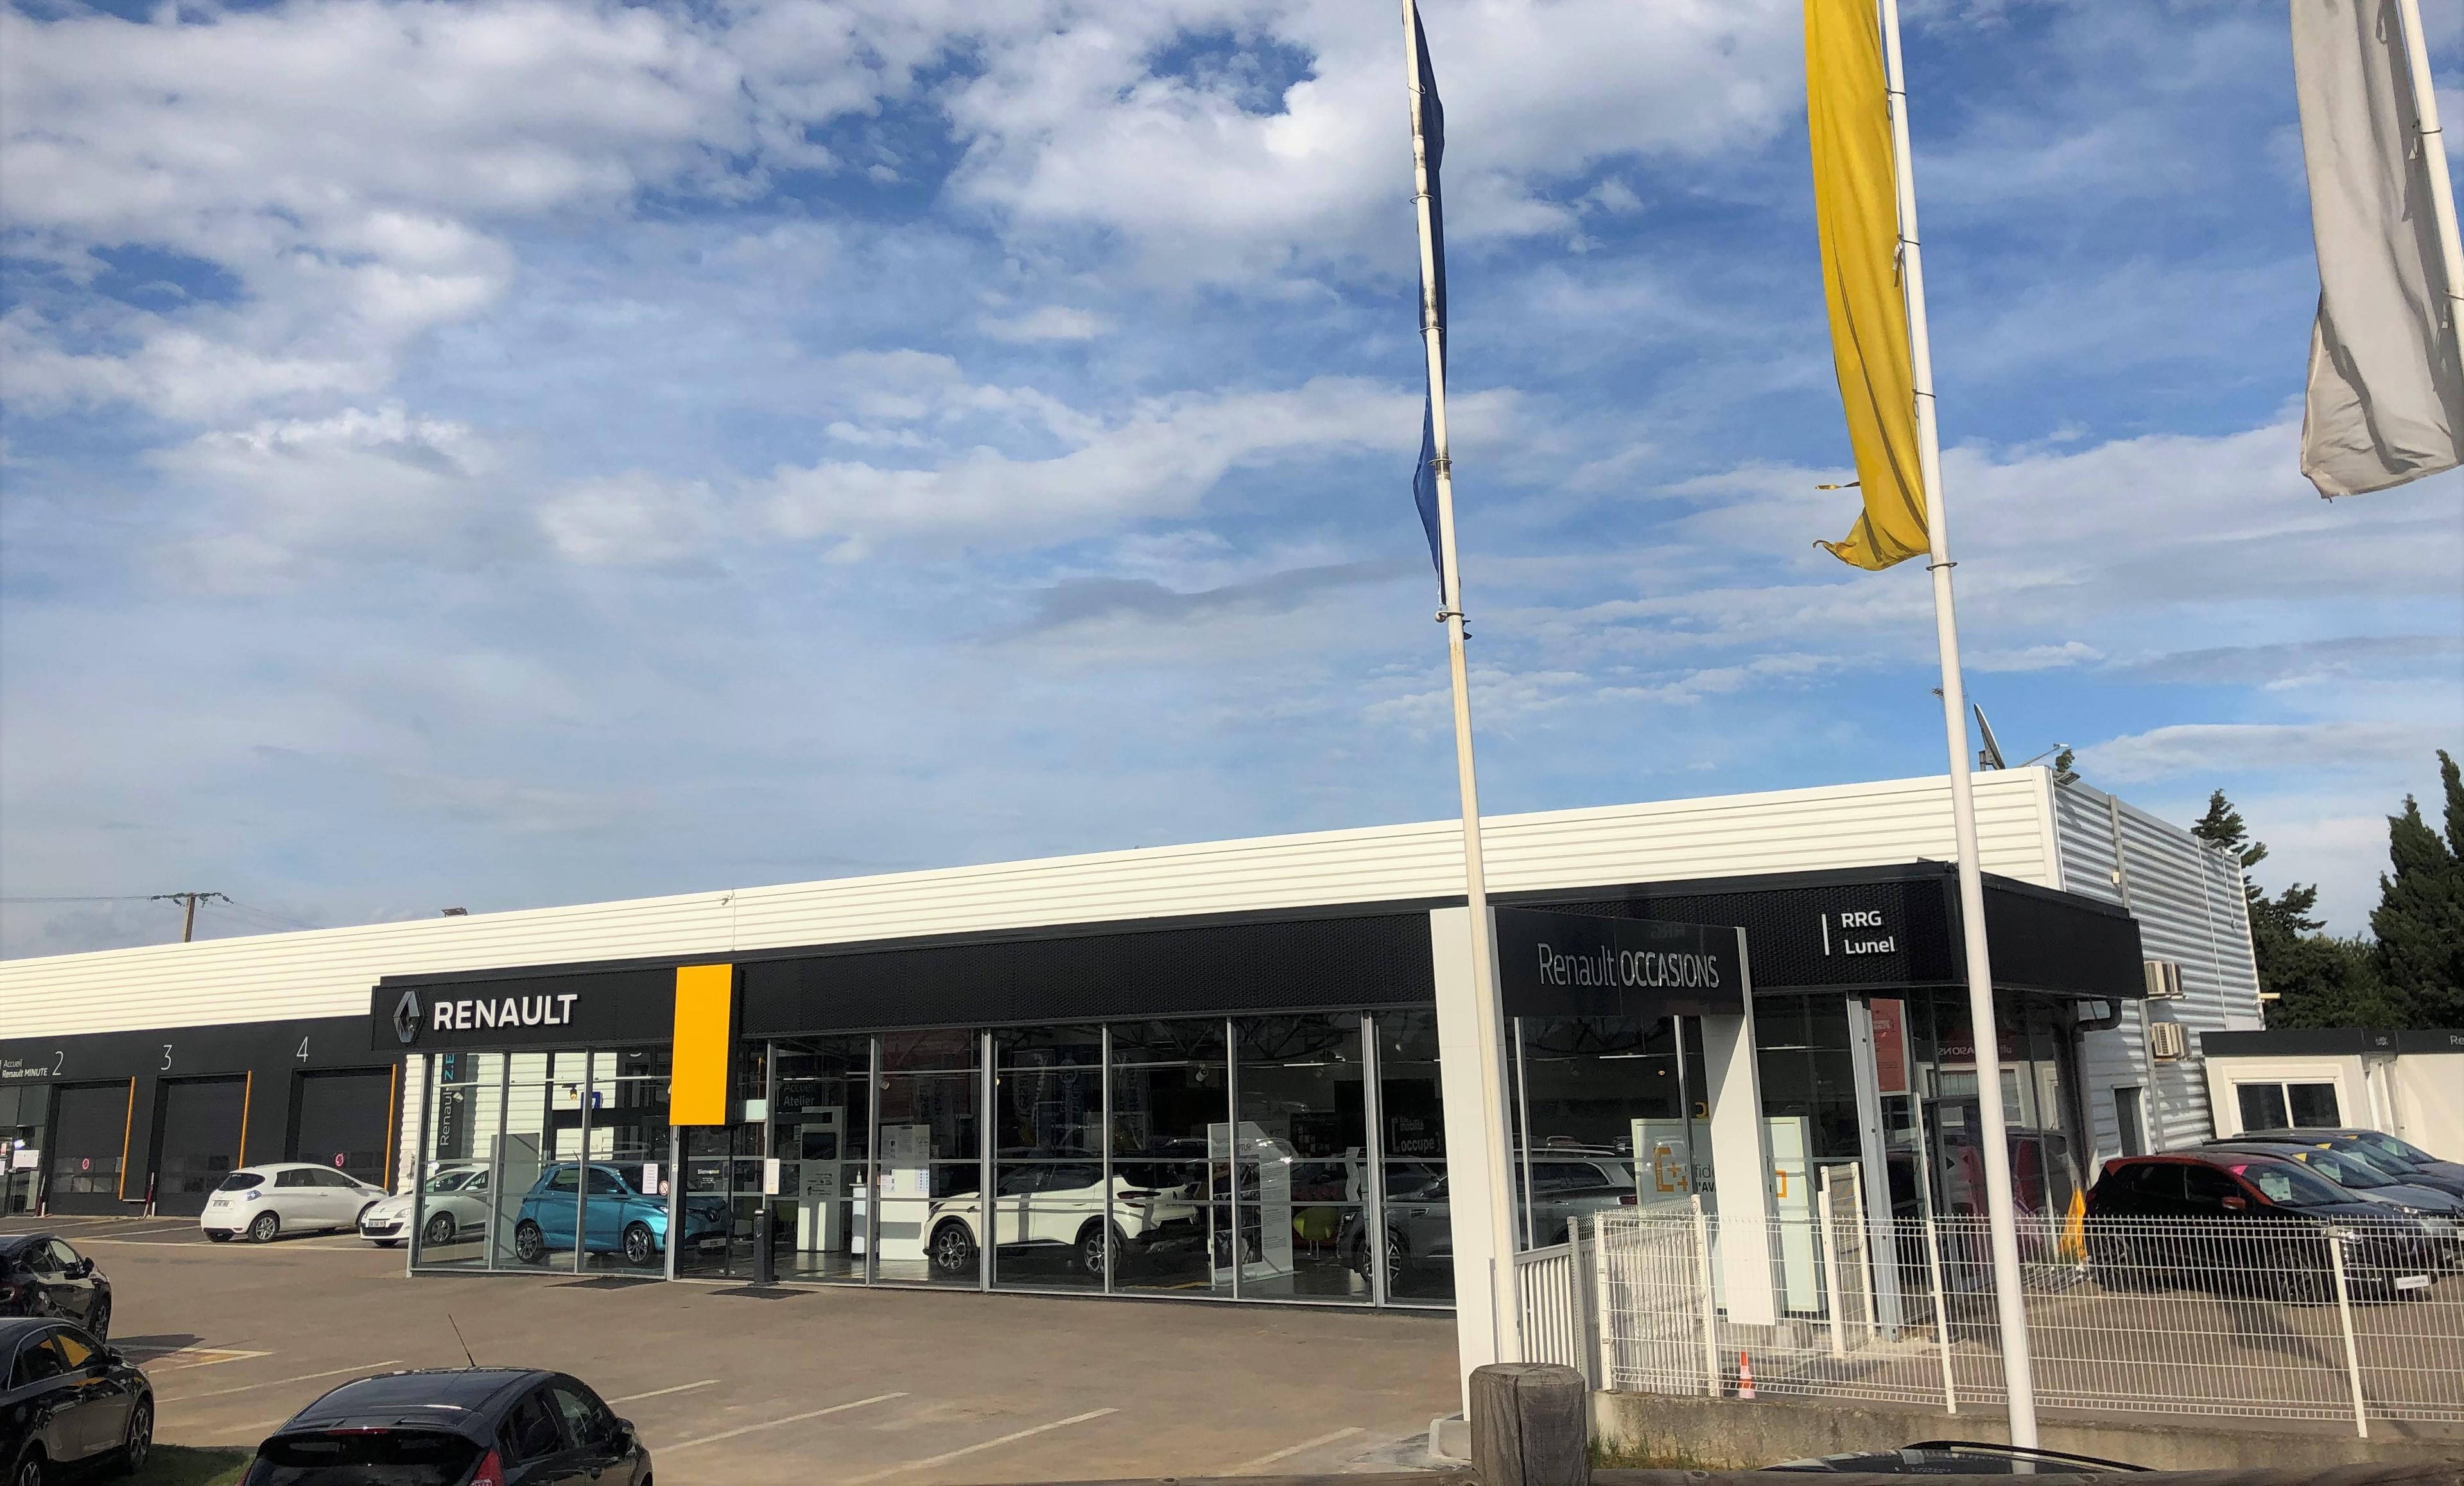 Renault Lunel